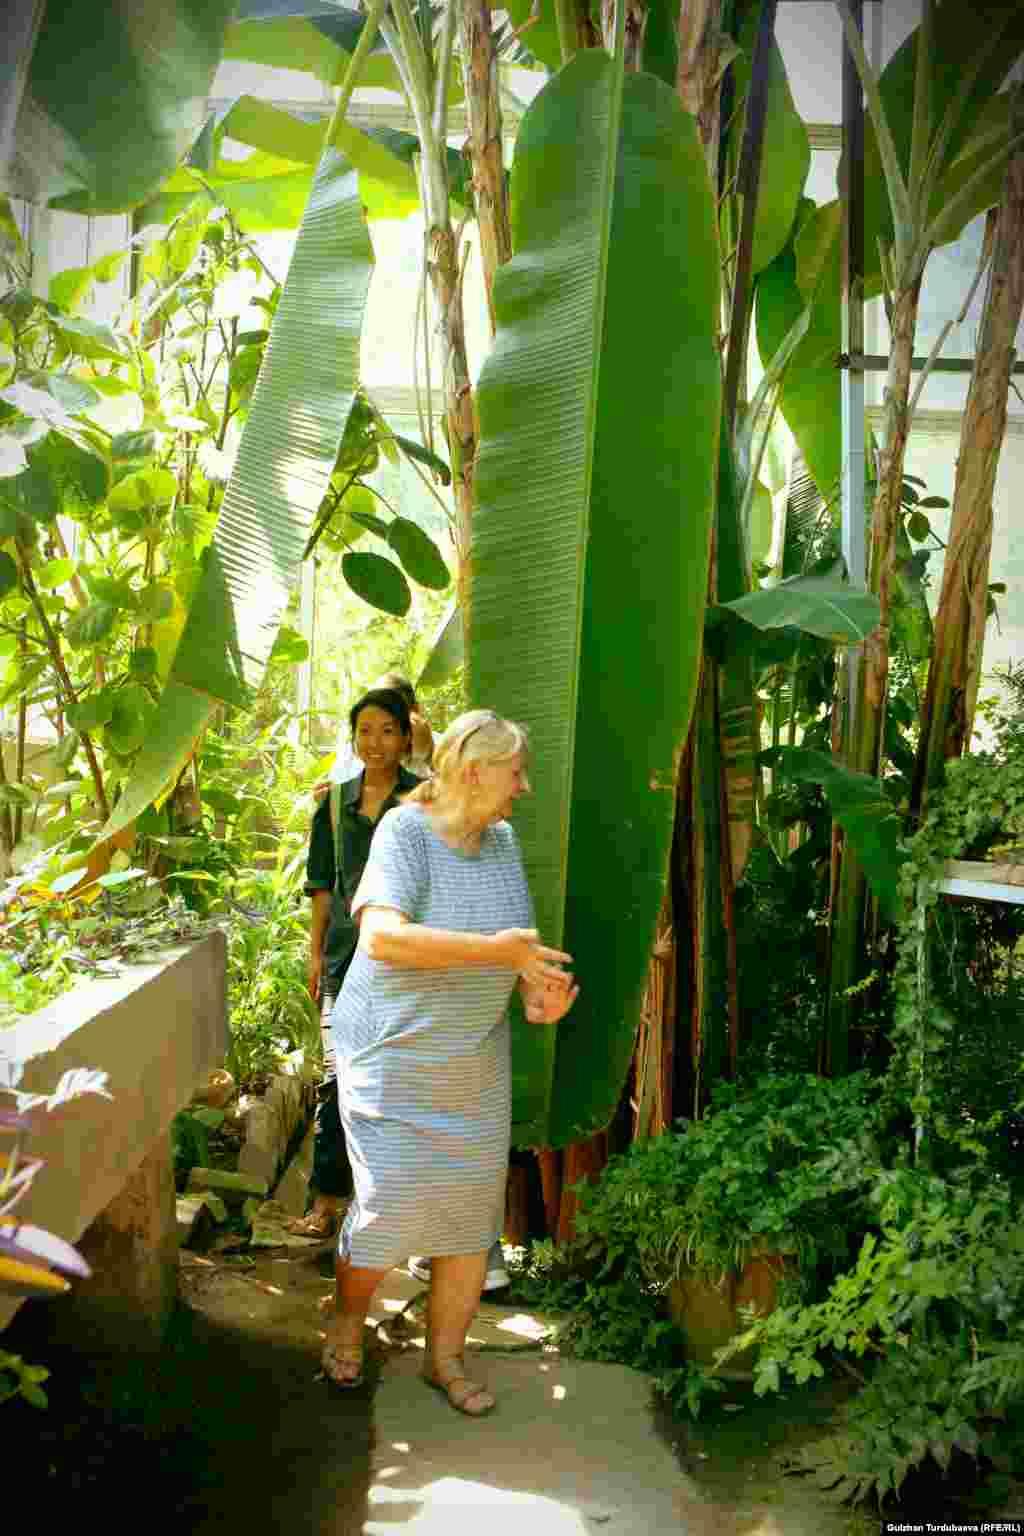 Банан - жалбырагынын узундугу 3-5 метрге жеткен көп жылдык өсүмдүк. Ал жылуу климатты сүйөт.